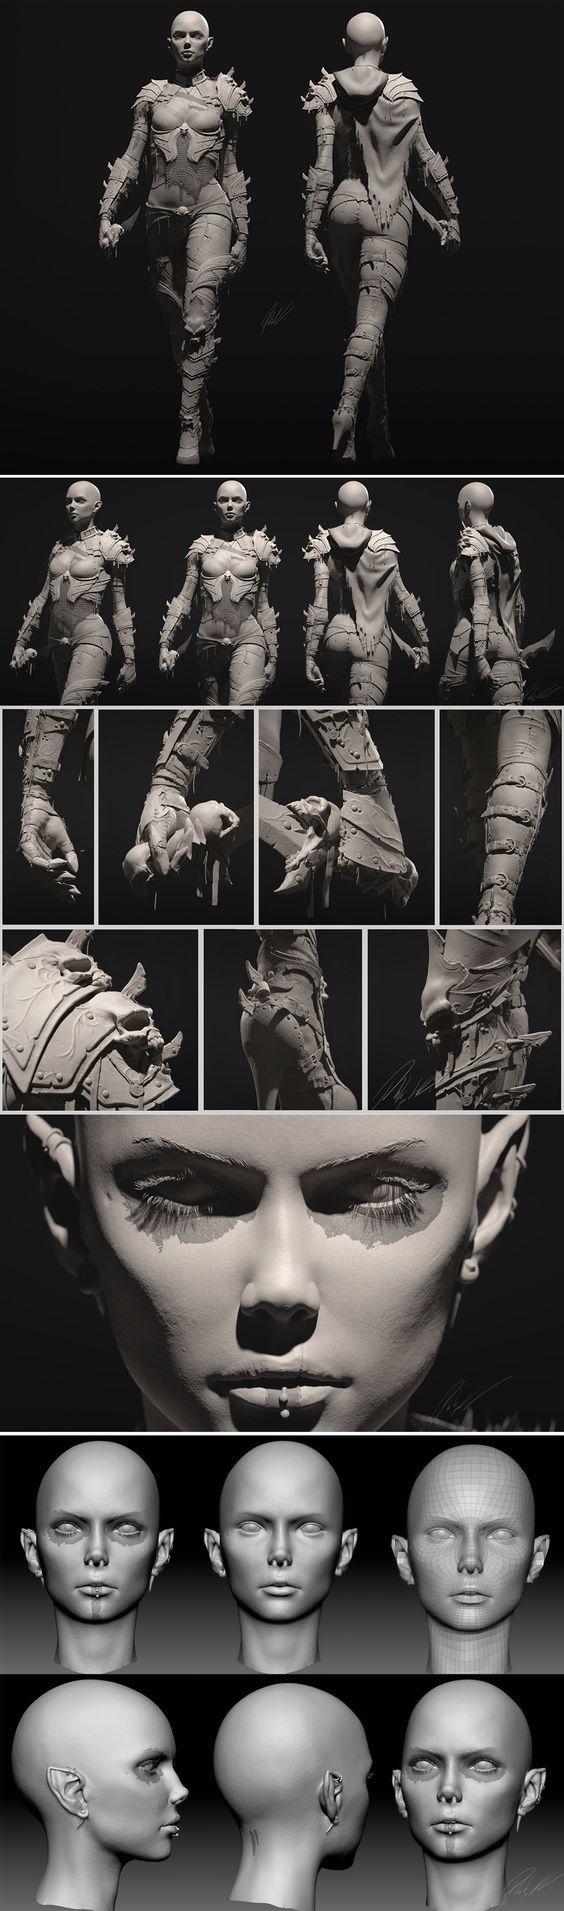 Syn - Dark Elf by Philip Harris-Genois http://www.cgrecord.net/2014/12/syn-dark-elf.html: